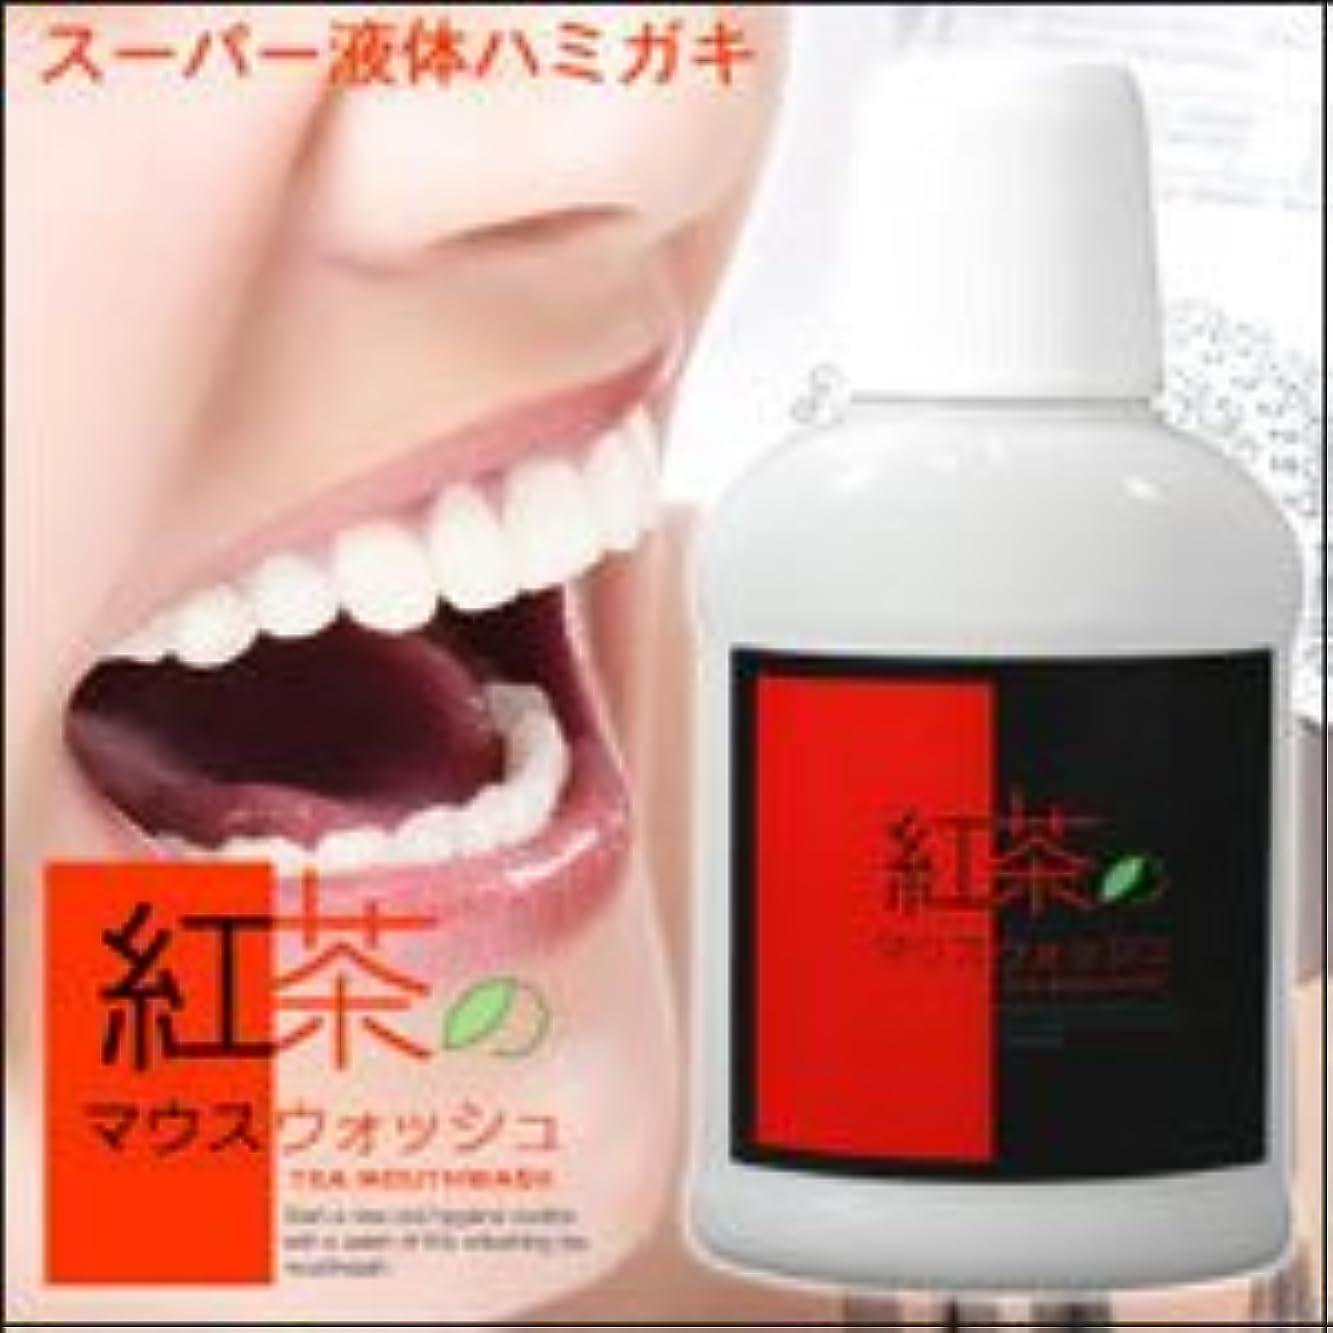 狂う結晶知覚的紅茶のマウスウォッシュ (口臭予防ホワイトニング液体ハミガキ)